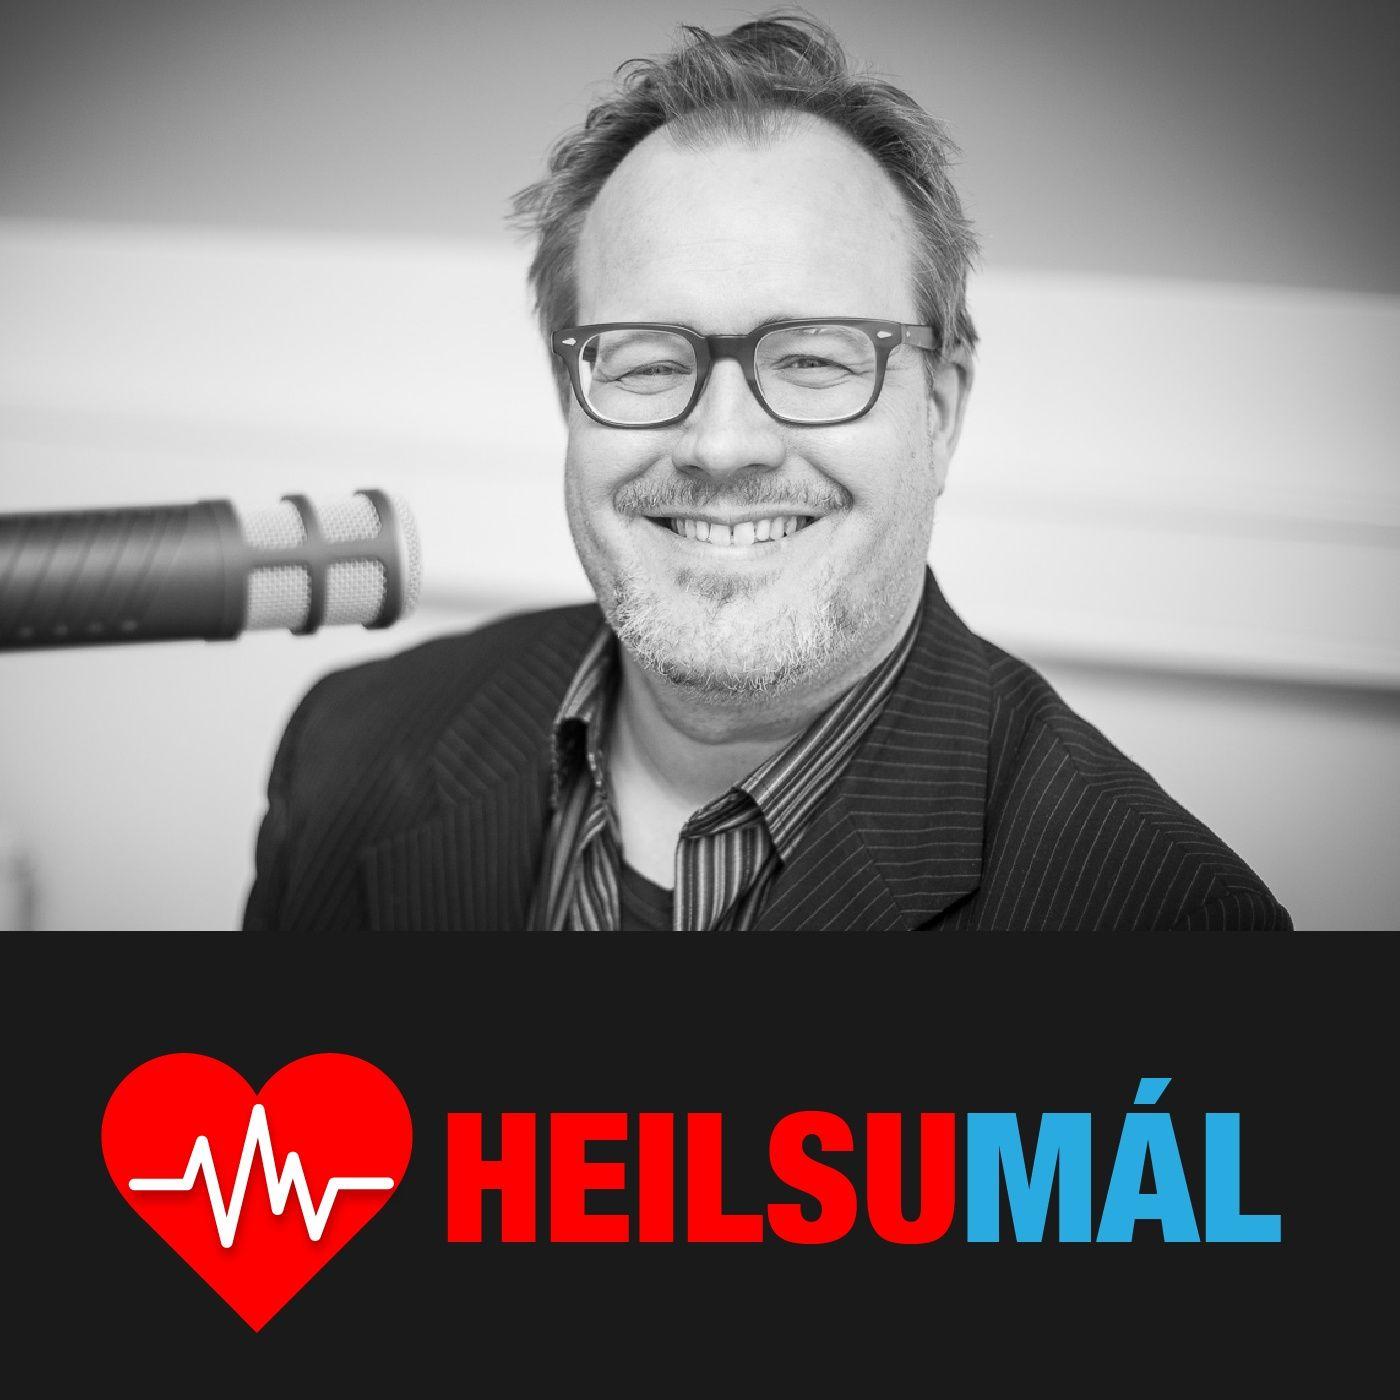 Heilsumál 05 - Þór Breiðfjörð söngvari